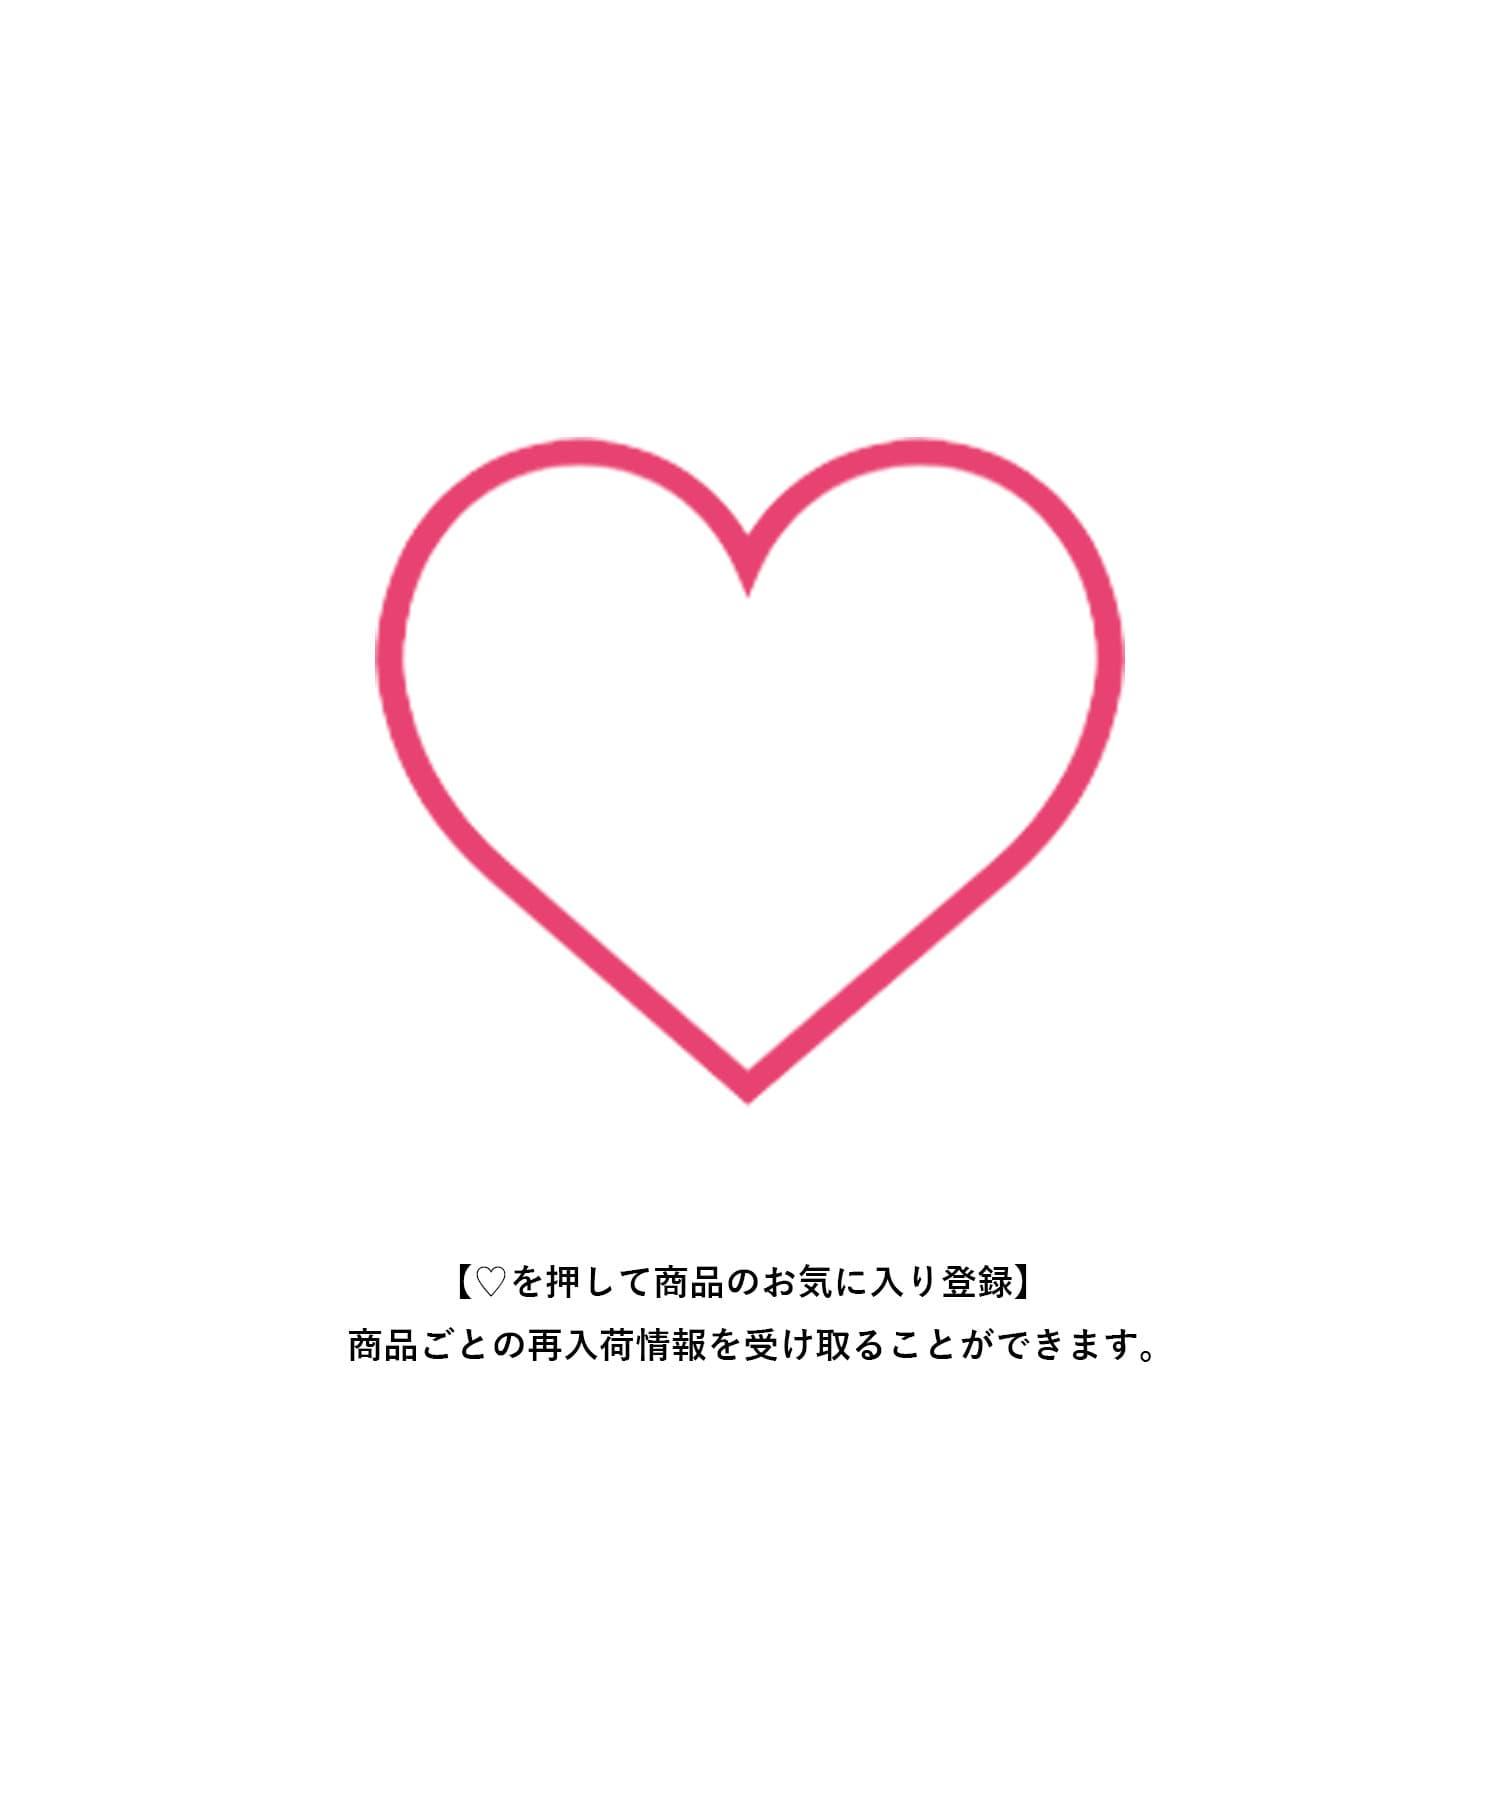 COLLAGE GALLARDAGALANTE(コラージュ ガリャルダガランテ) 【オンラインストア限定】カットメルトンコート